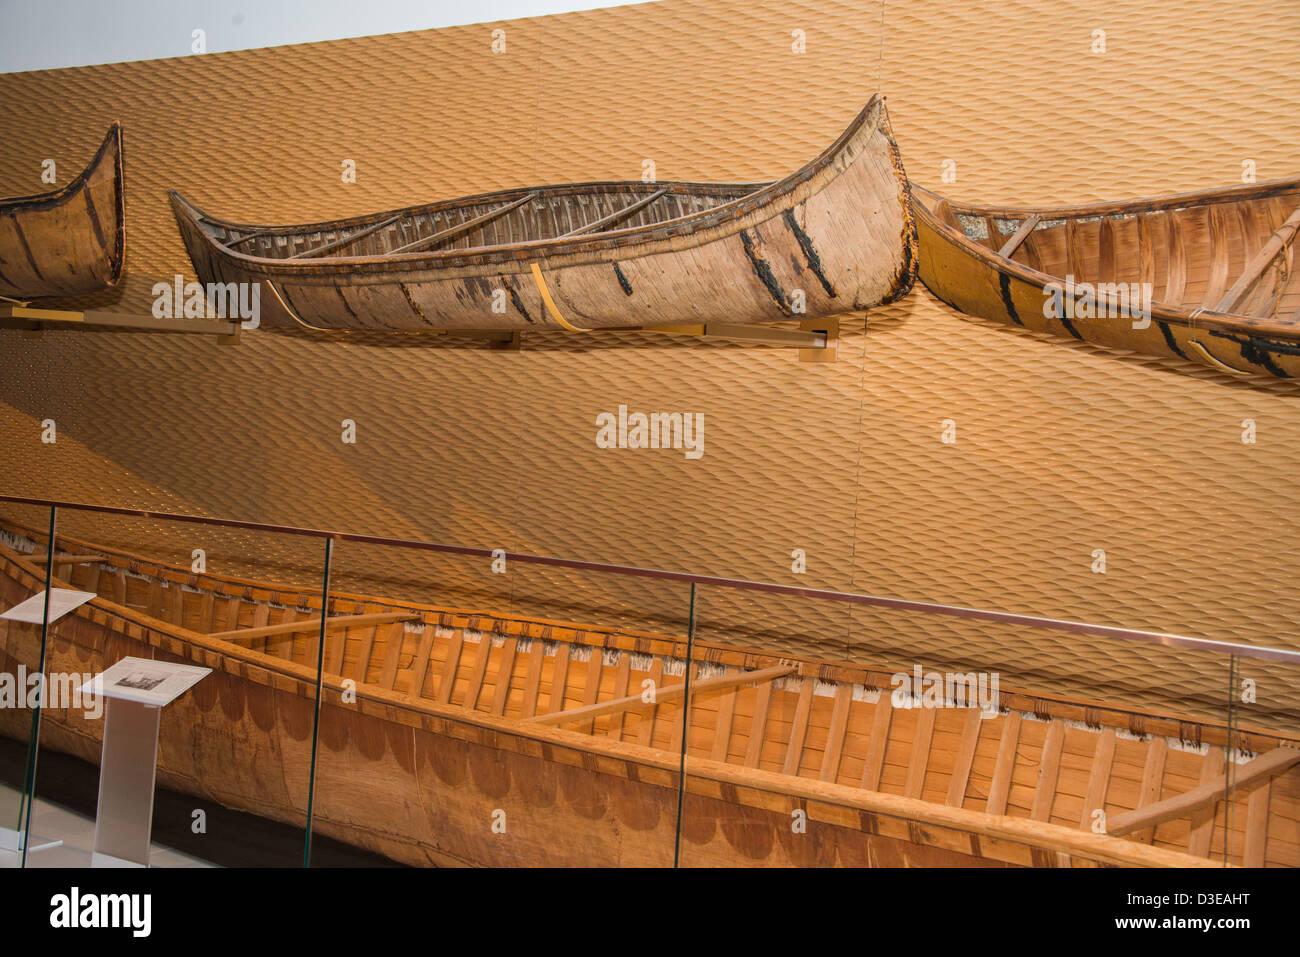 Native Indian canot en écorce de bouleau afficher au Musée royal de l'Ontario, Toronto, Canada. Photo Stock